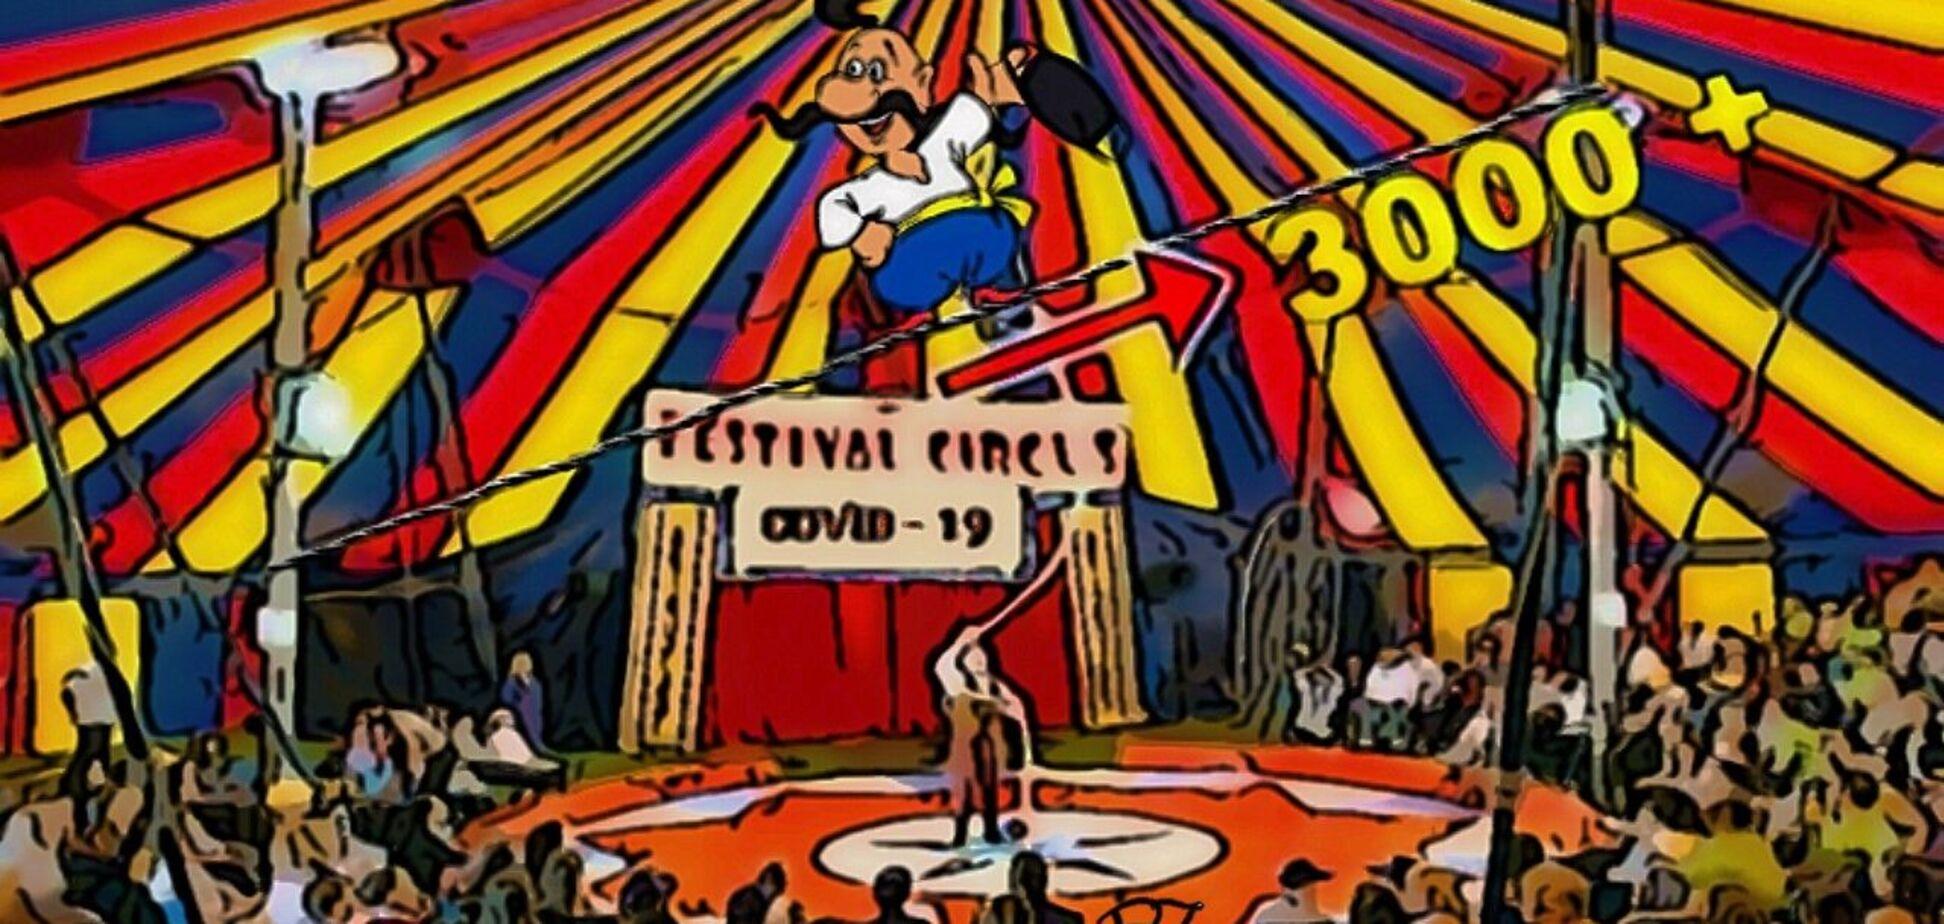 Пандемический цирк: конспирология и клоунская эквилибристика на вирусных антирекордах